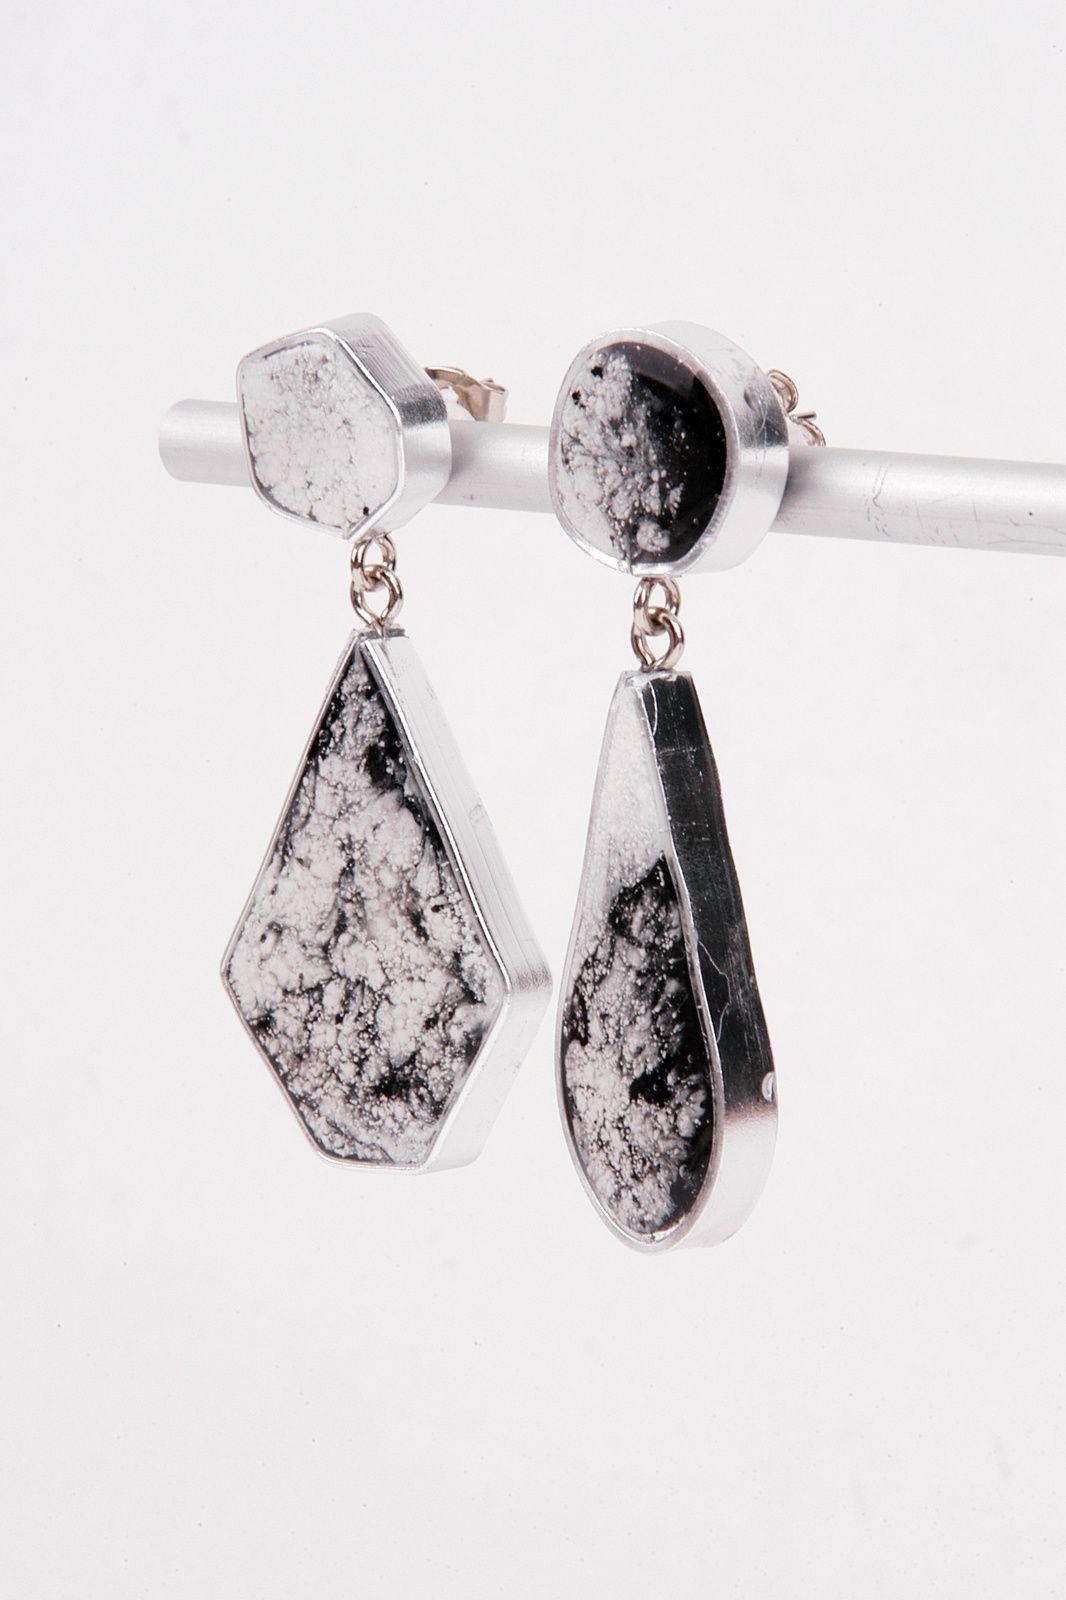 DIY-Ohrringe, die ohne Silikonform mit Aluminiumdraht, Klebeband und Kunstharz hergesetllt werden.